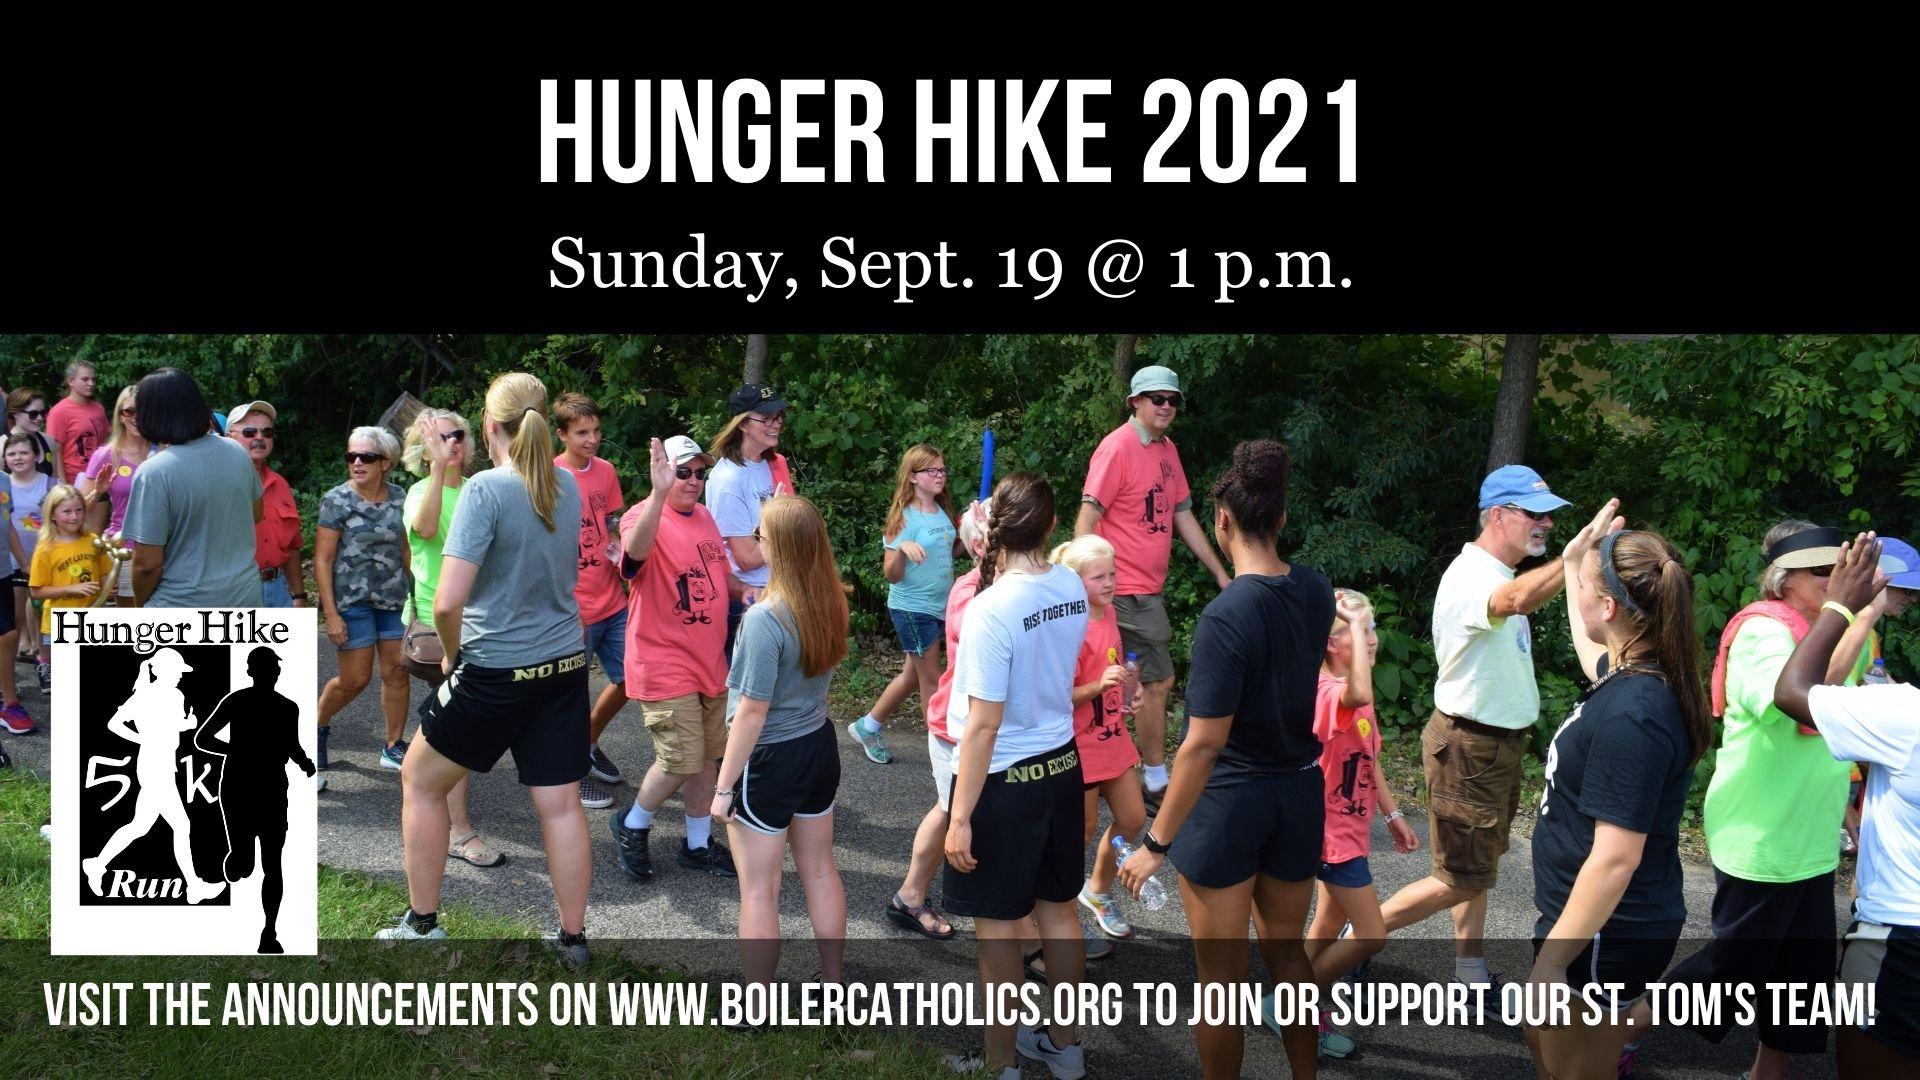 Hunger-Hike-2021-digiboard